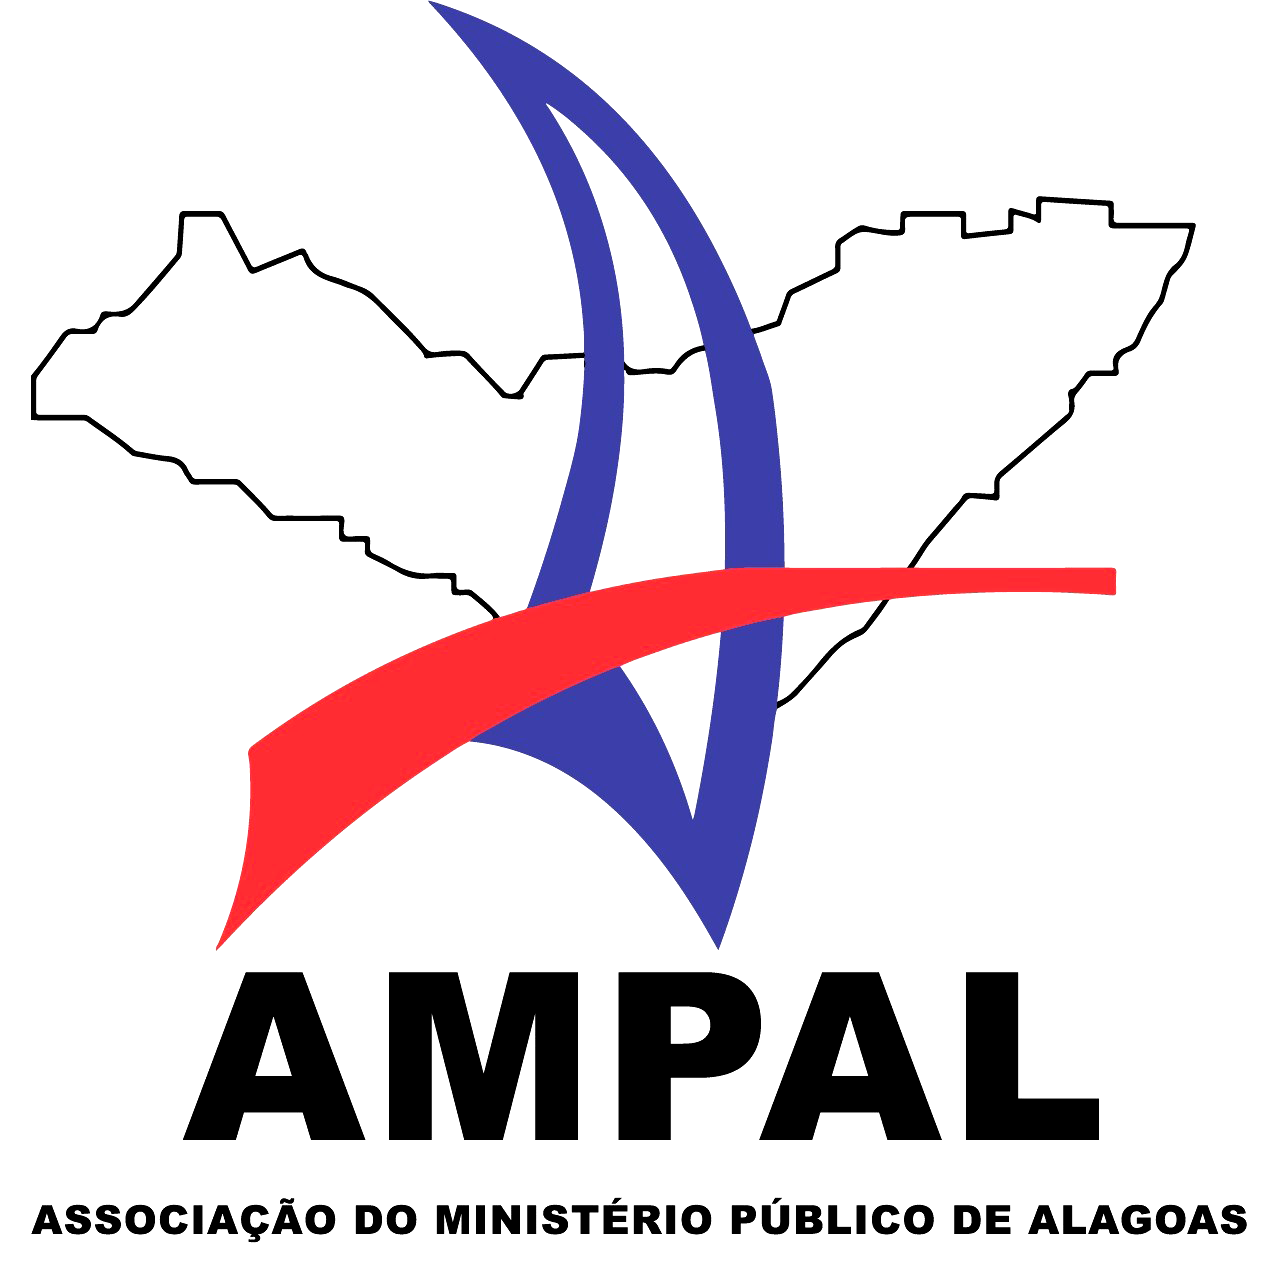 Associação do Ministério Público de Alagoas